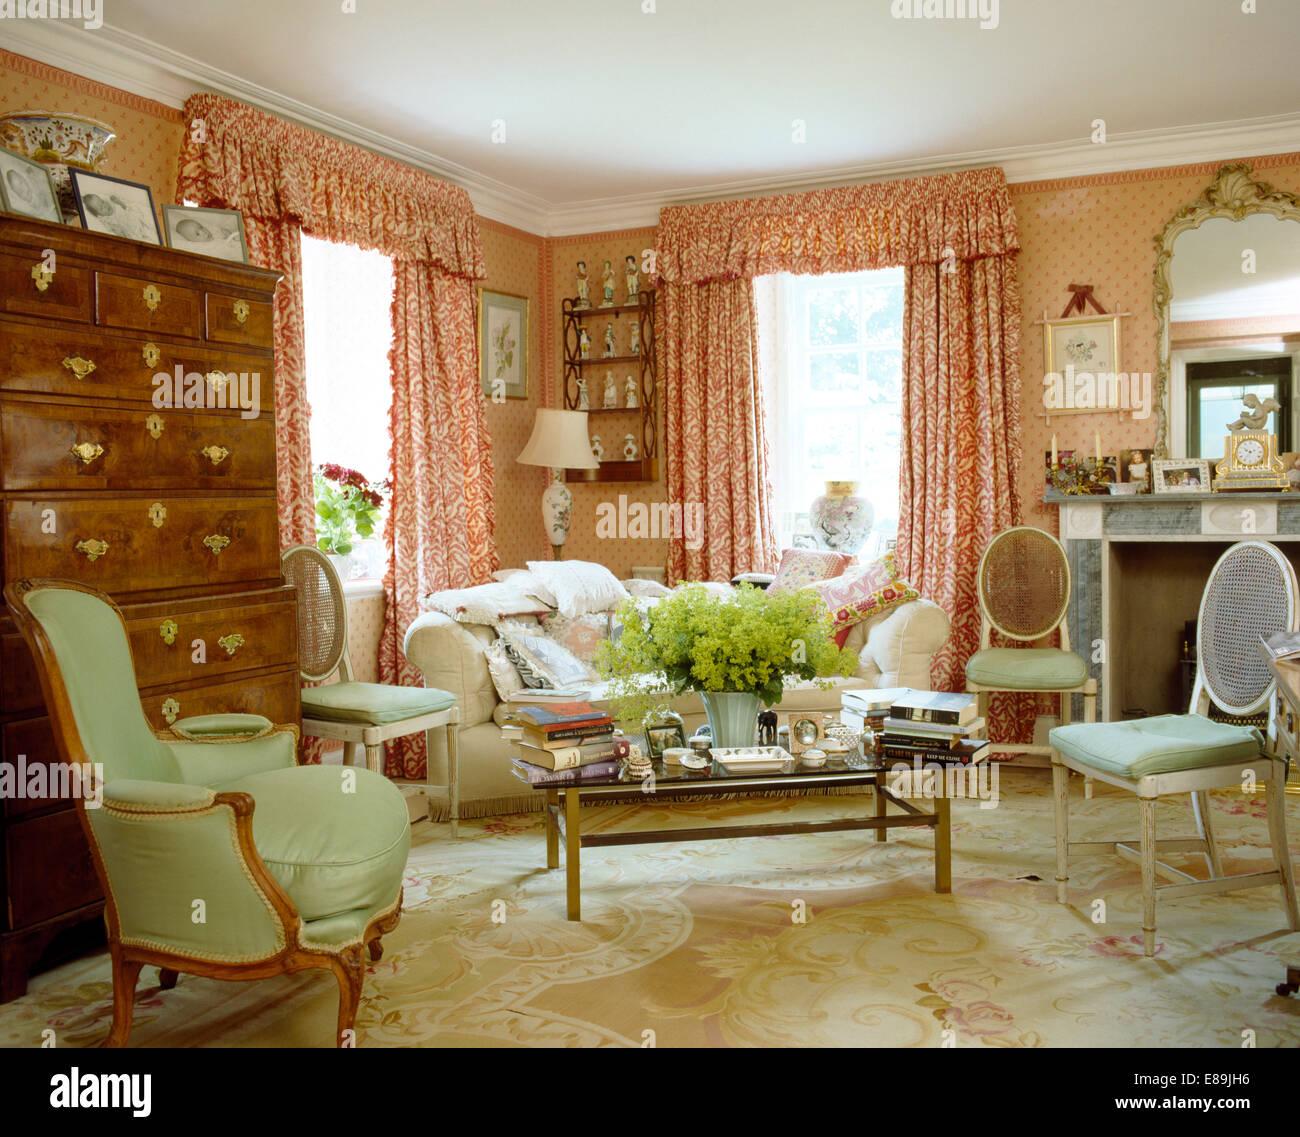 Elegant Rote + Weiße Vorhänge In Rosa Land Wohnzimmer Mit Antikem Ballon  Zurück, Stühle,